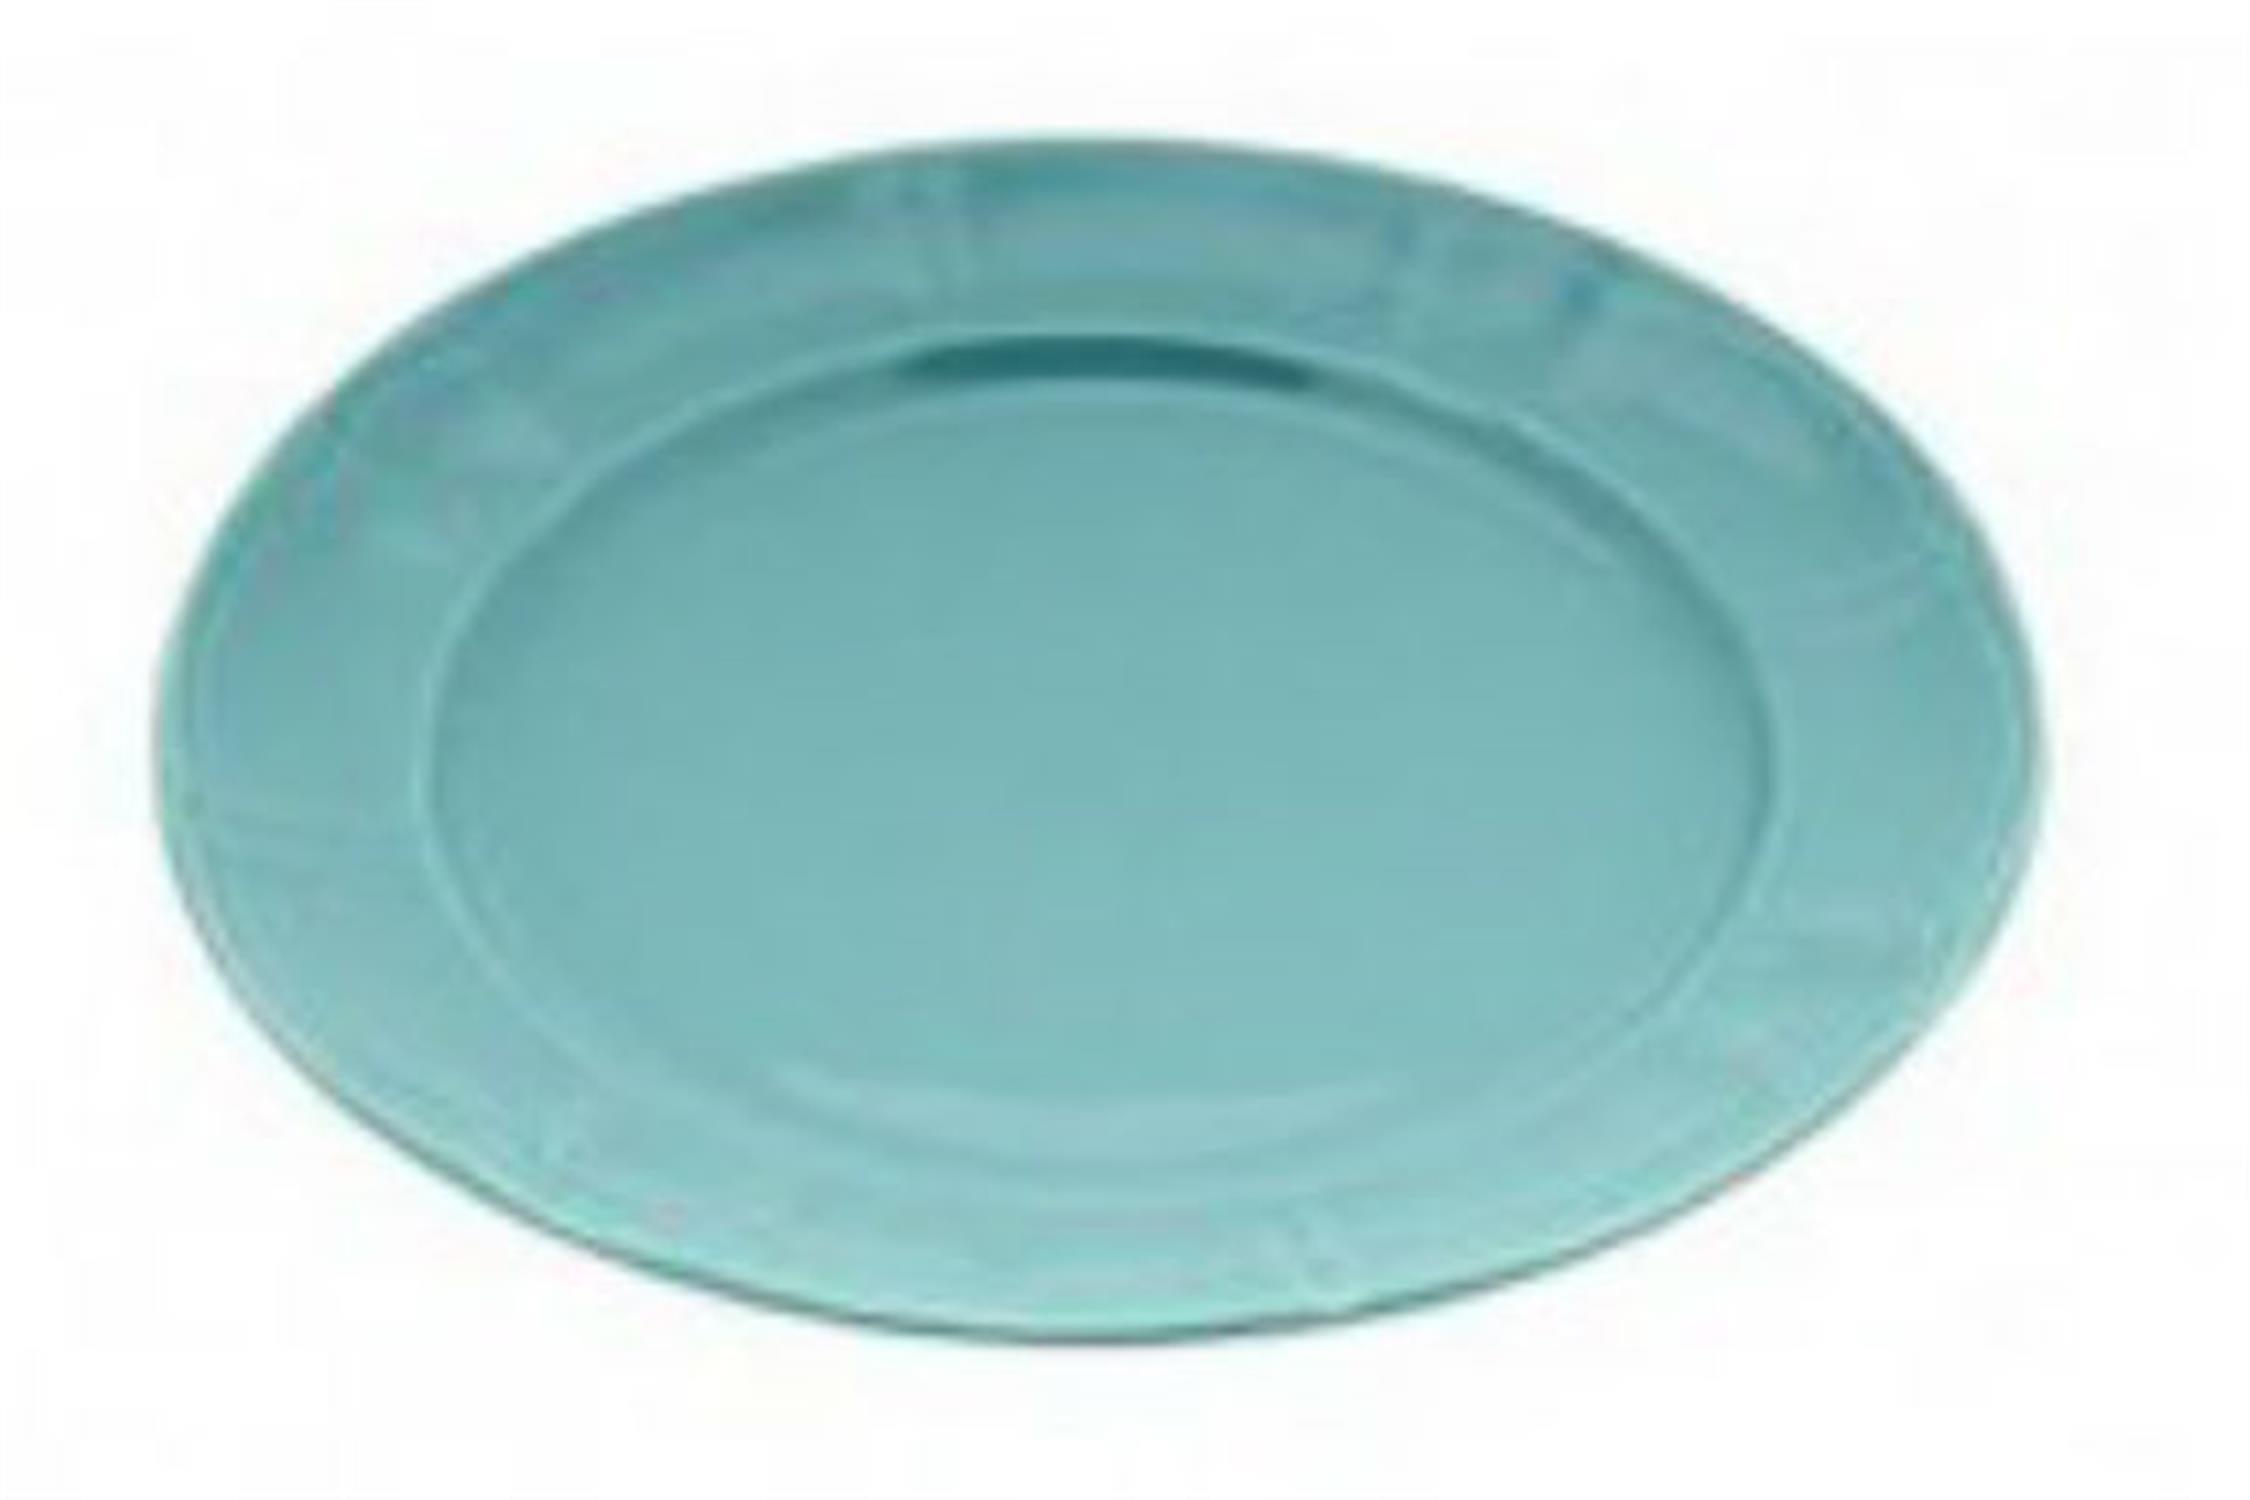 Πιάτο ρηχό stoneware στο χρώμα της μέντας 27cm Venus 89566